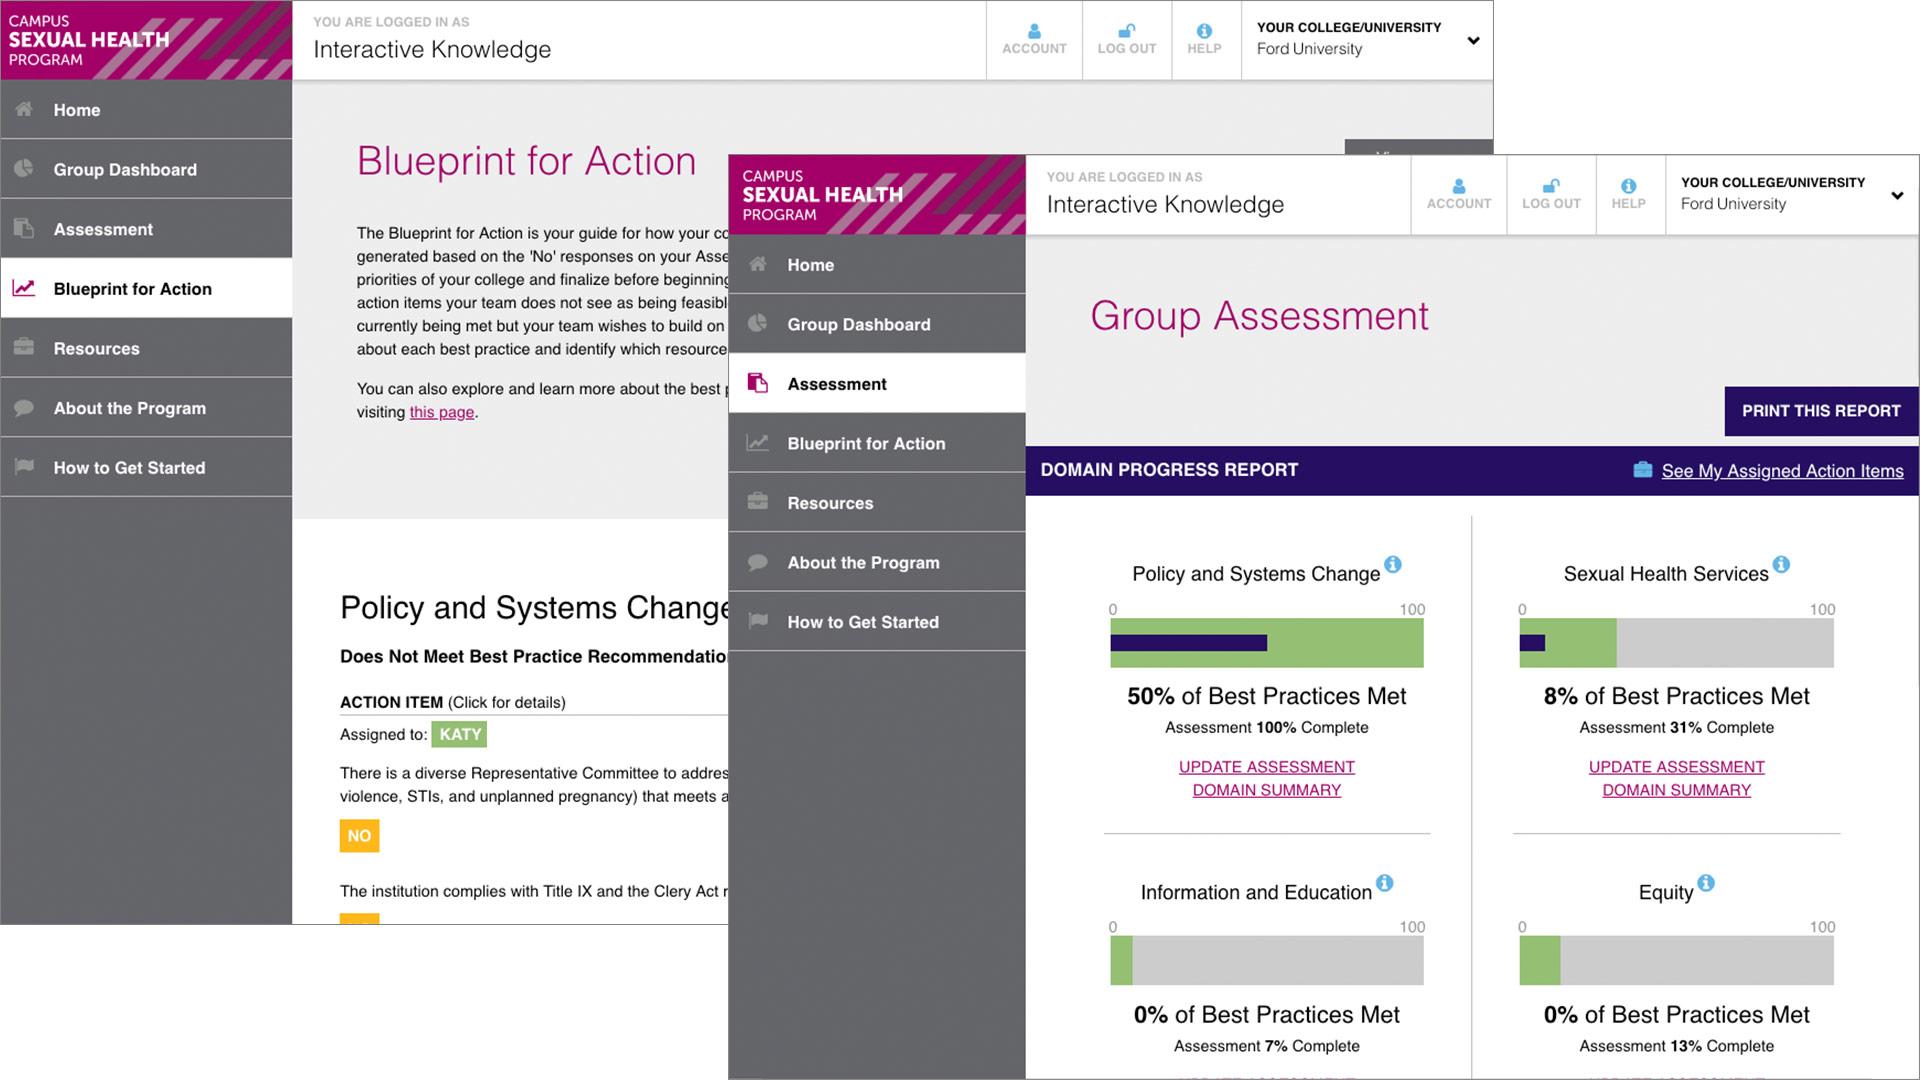 Campus Sexual Health Survey example